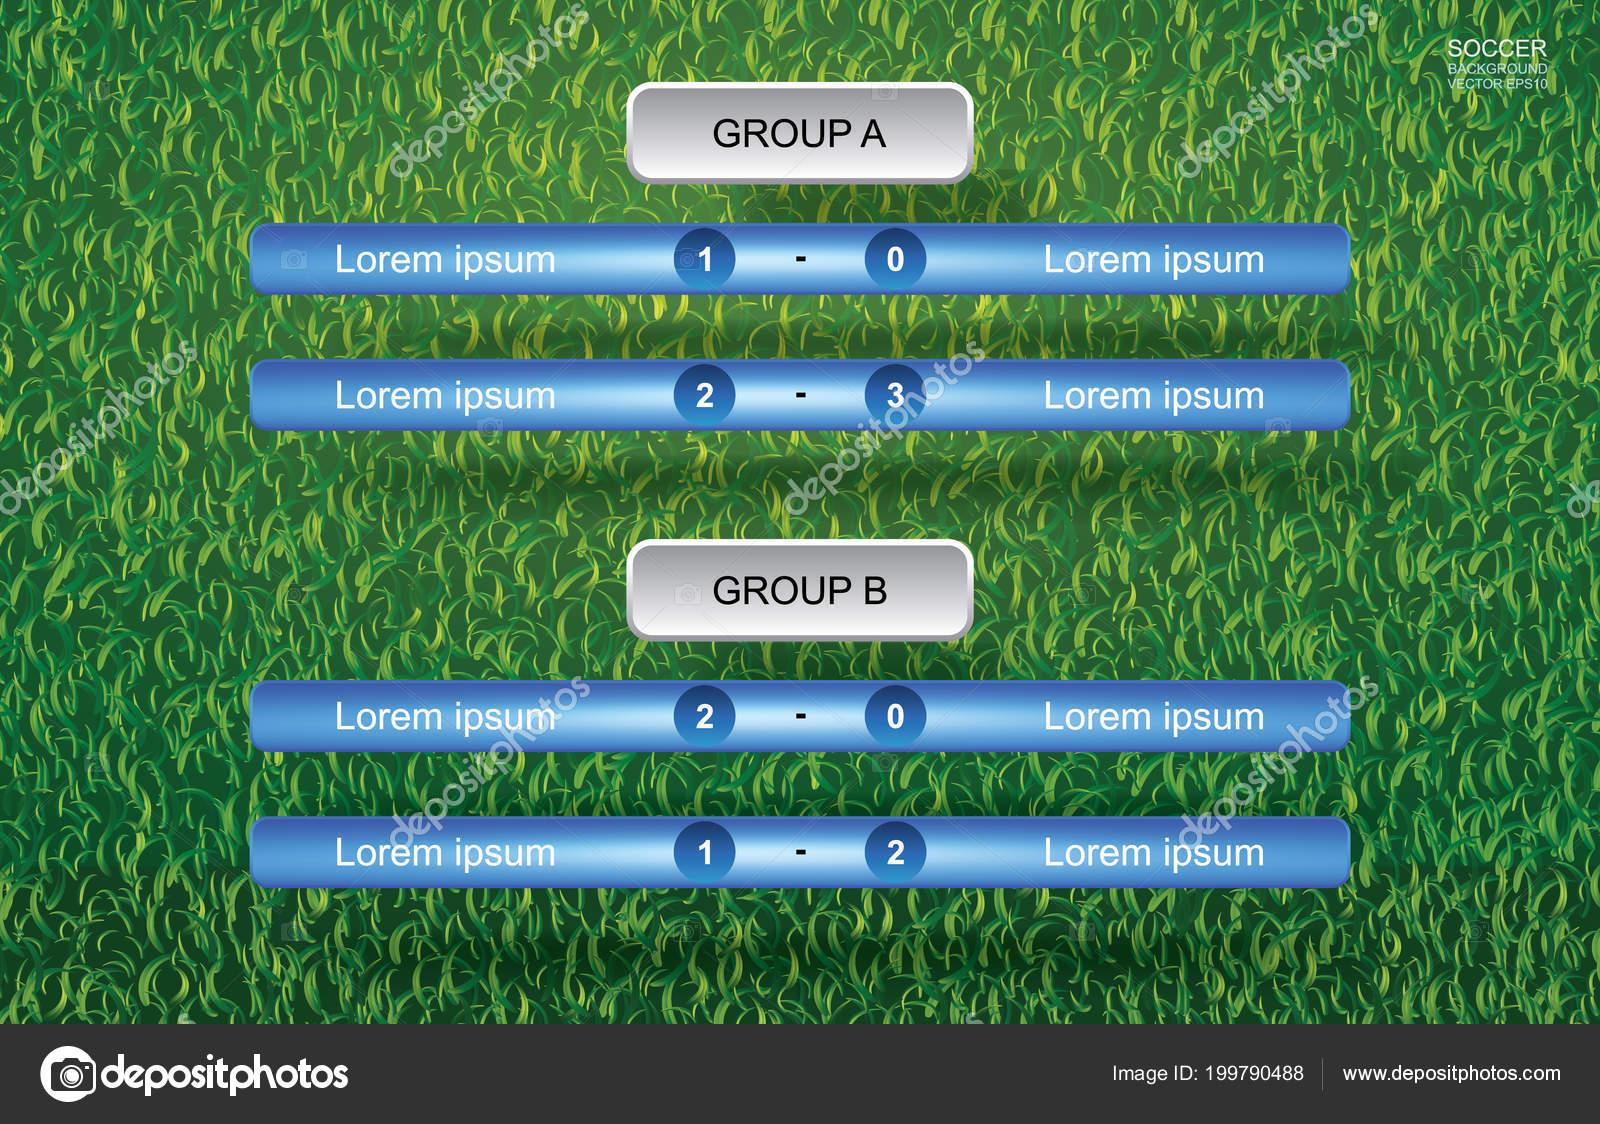 Calendario Campionato Calcio.Fiammifero Sfondo Calendario Campionato Calcio Calcio Con